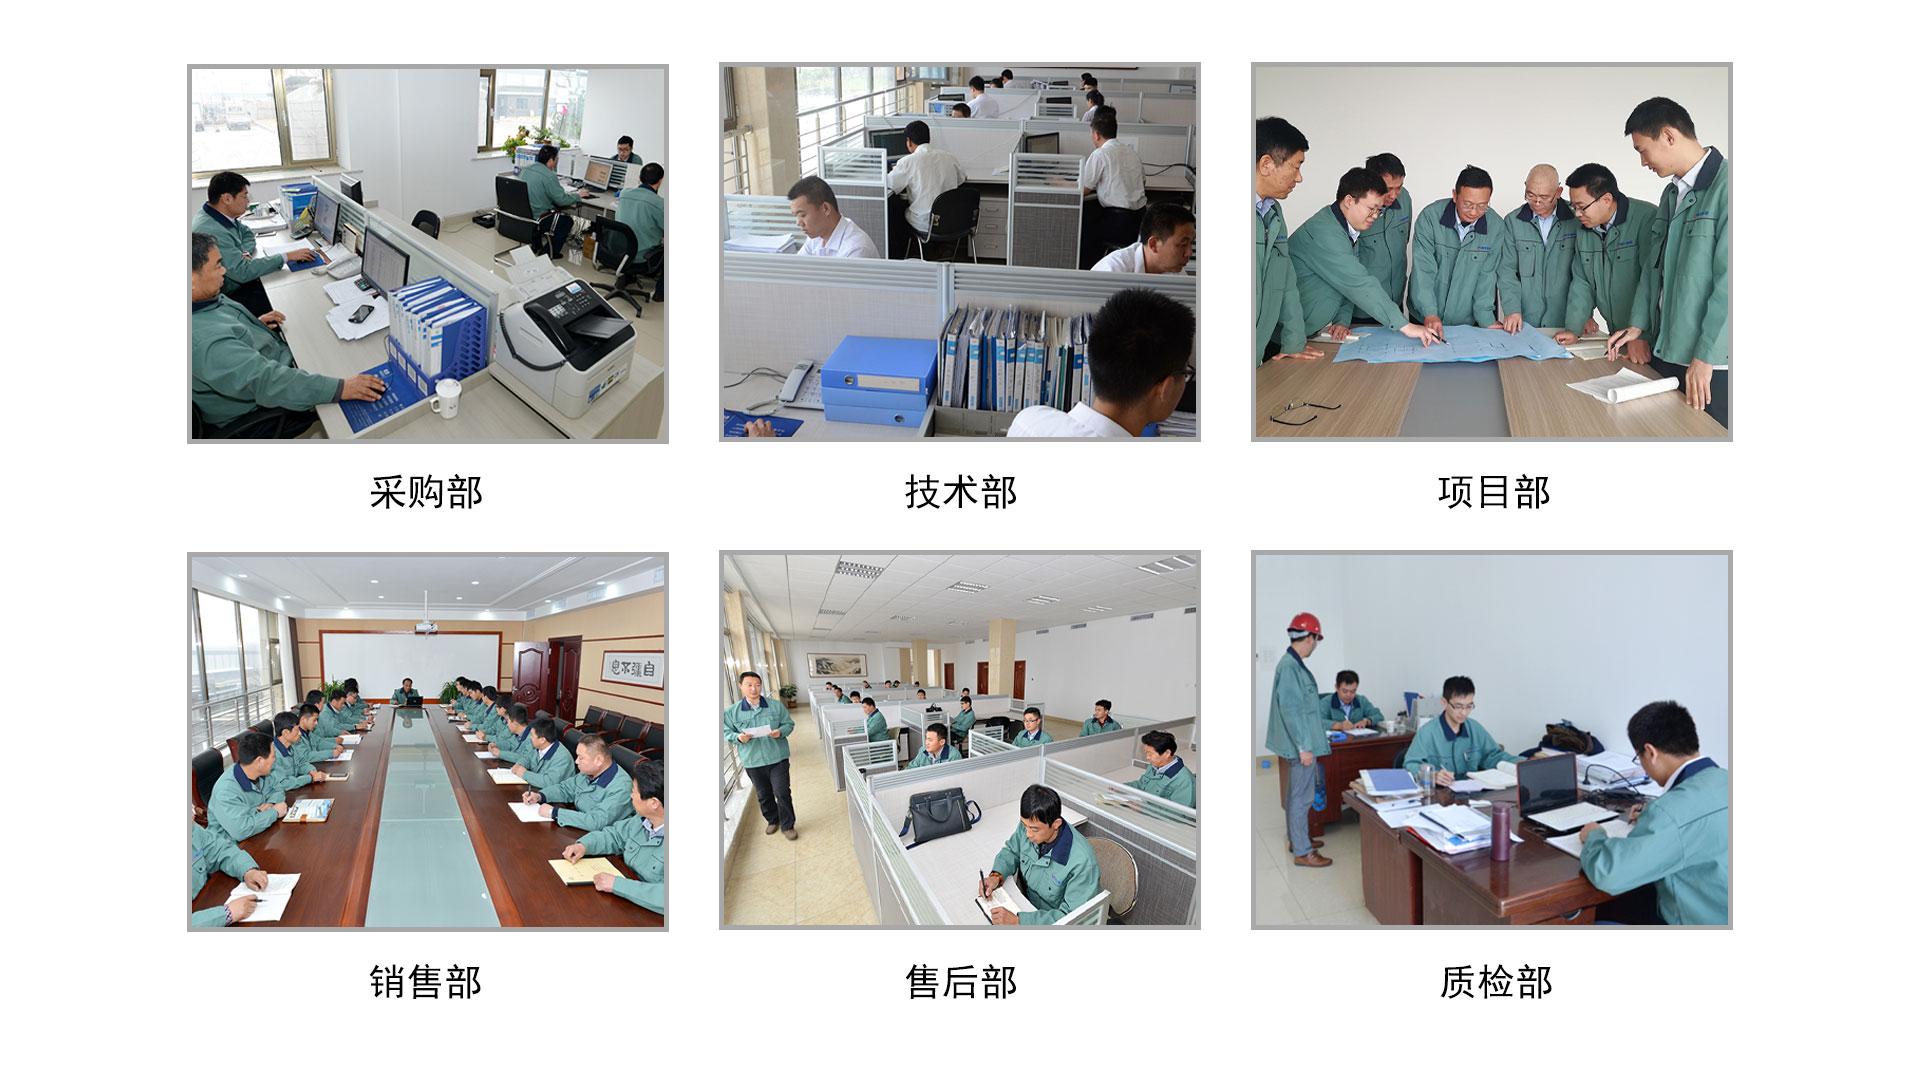 深圳湿式静电除尘器公司团队风采